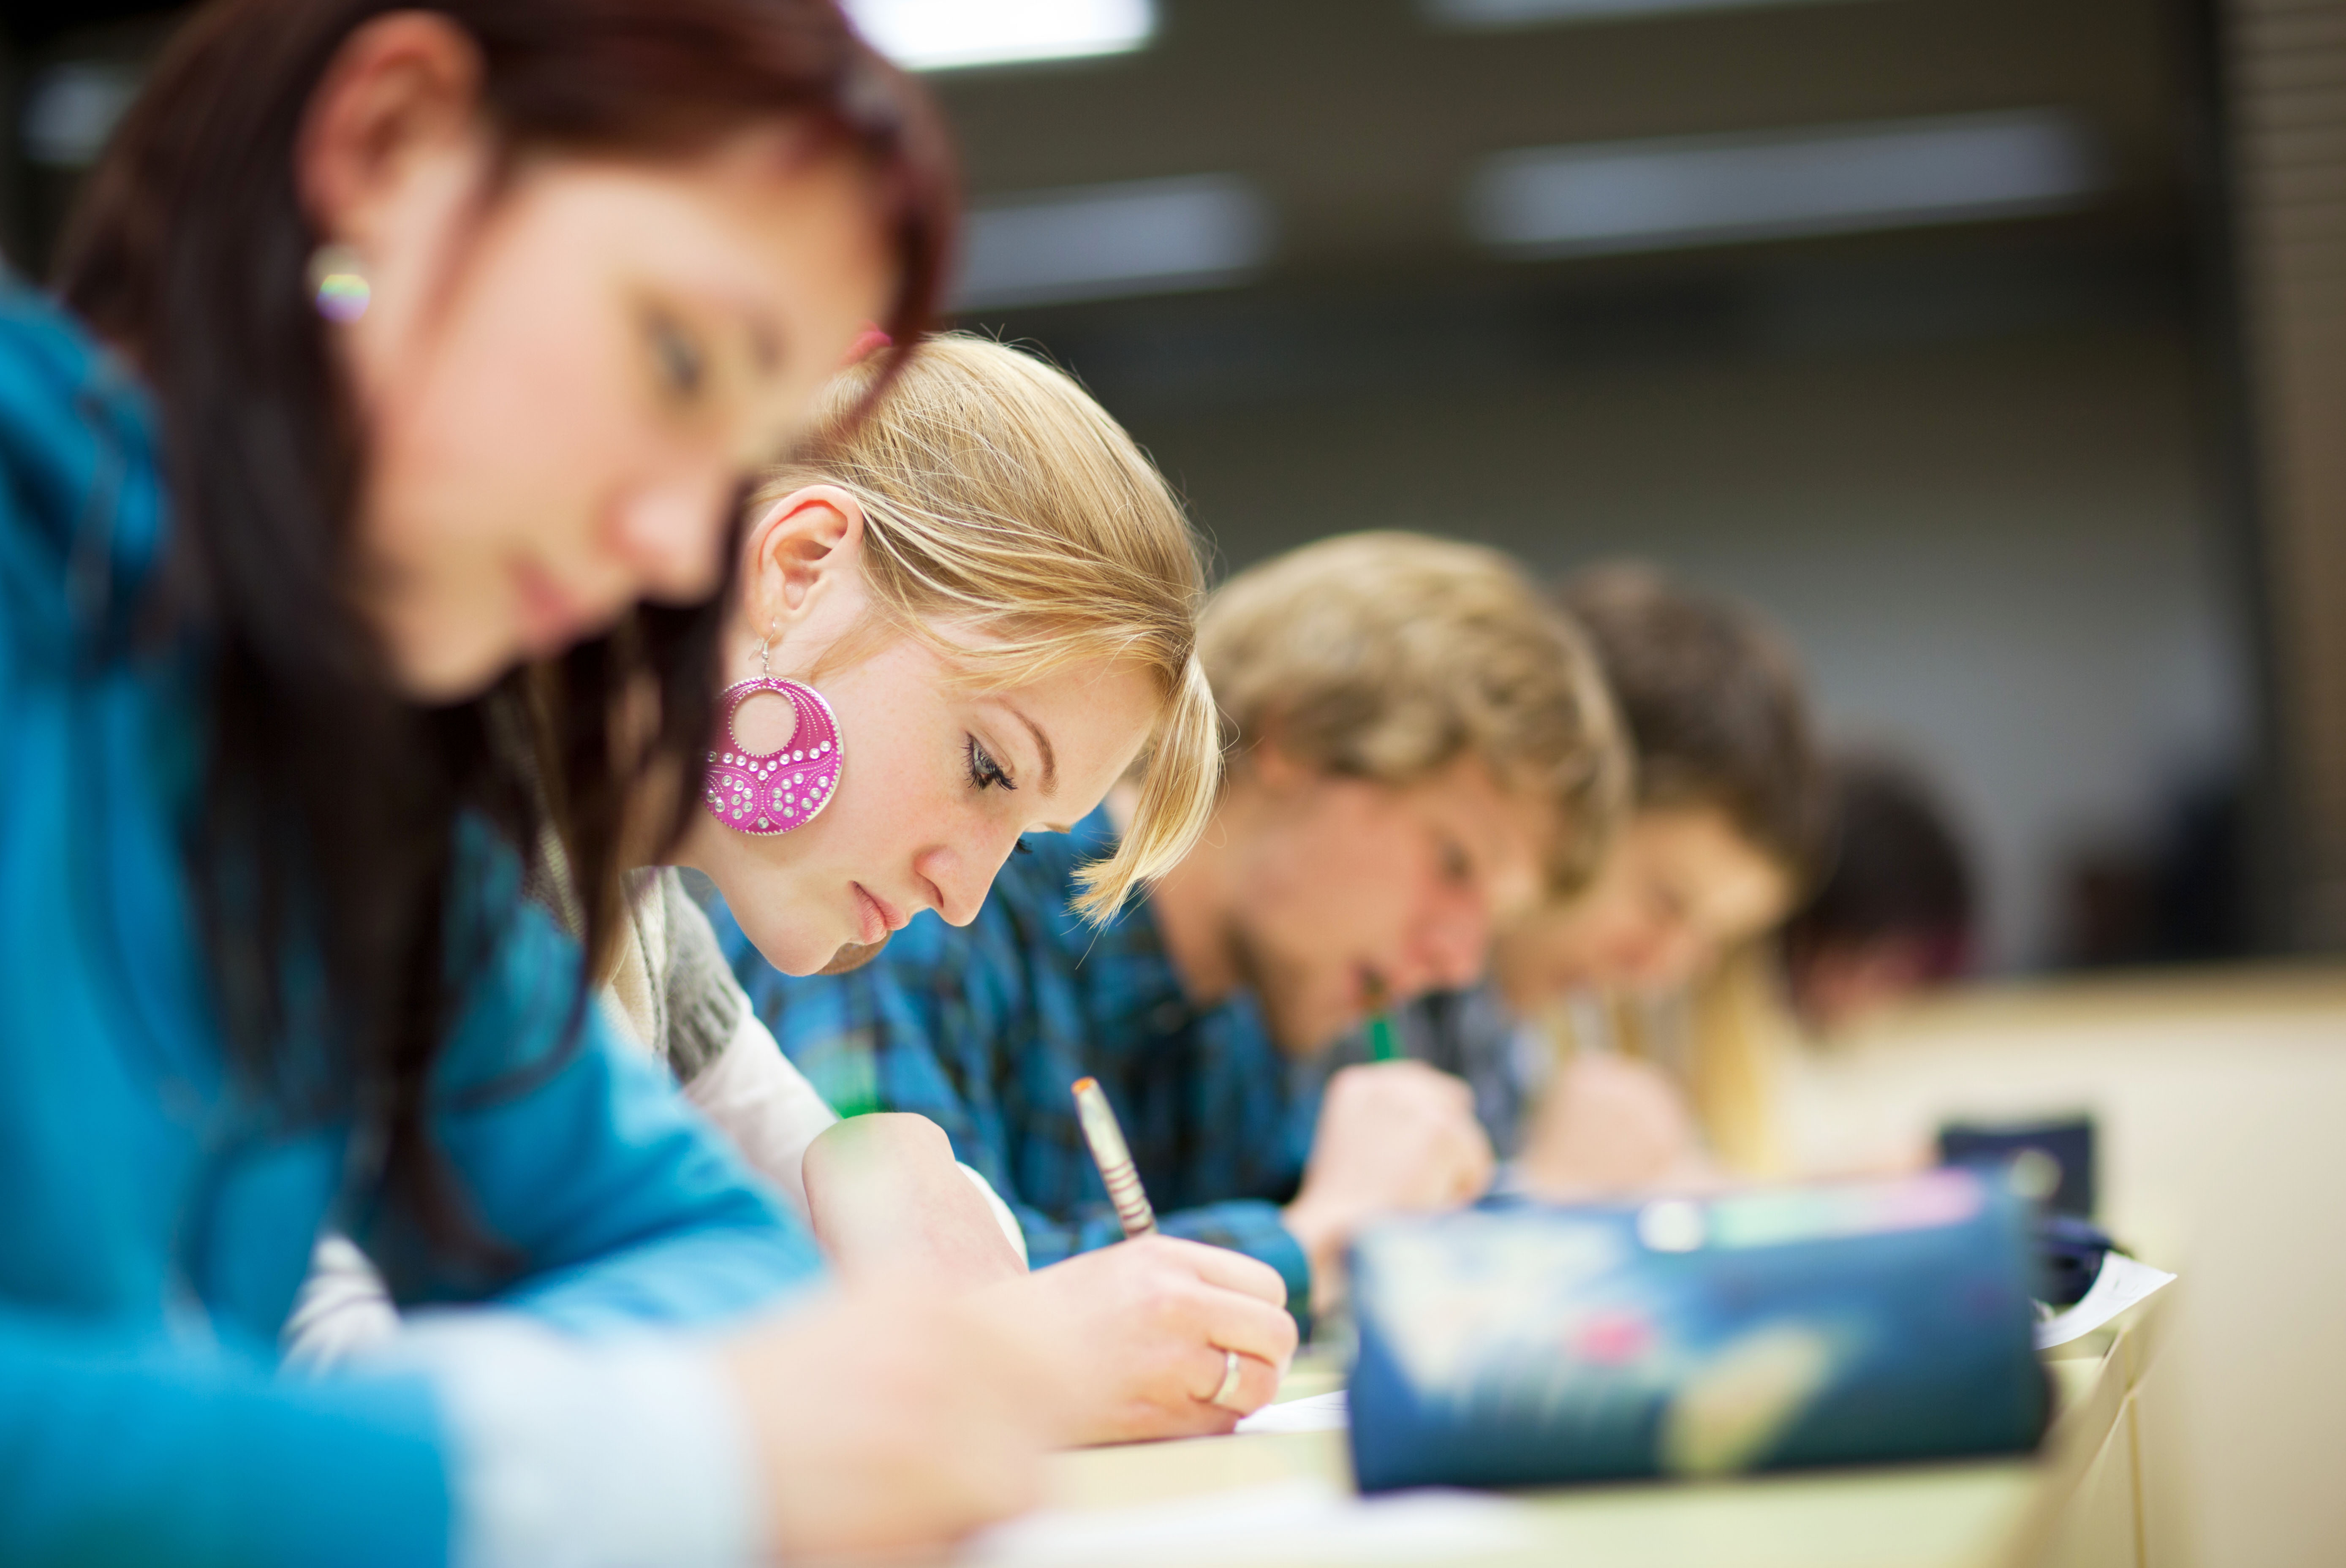 İngilizce Öğrenme ve Pratik Yapma İmkanı